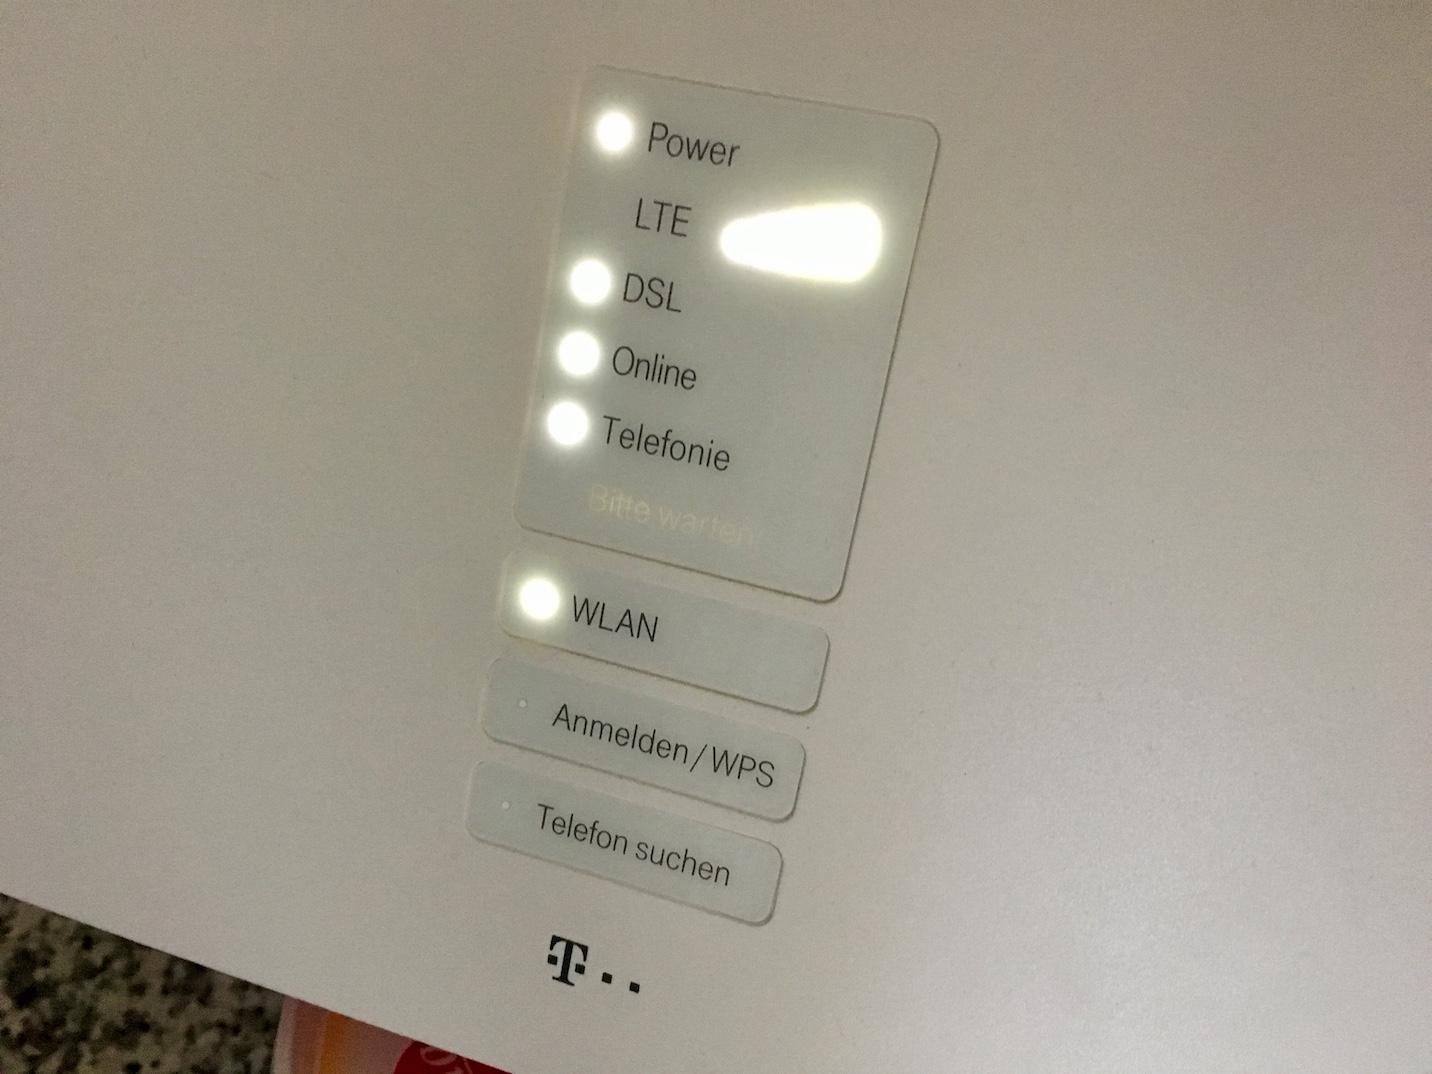 Lte Masten Karte.Meine Erfahrungen Mit Telekom Hybrid Benjamin Wiens